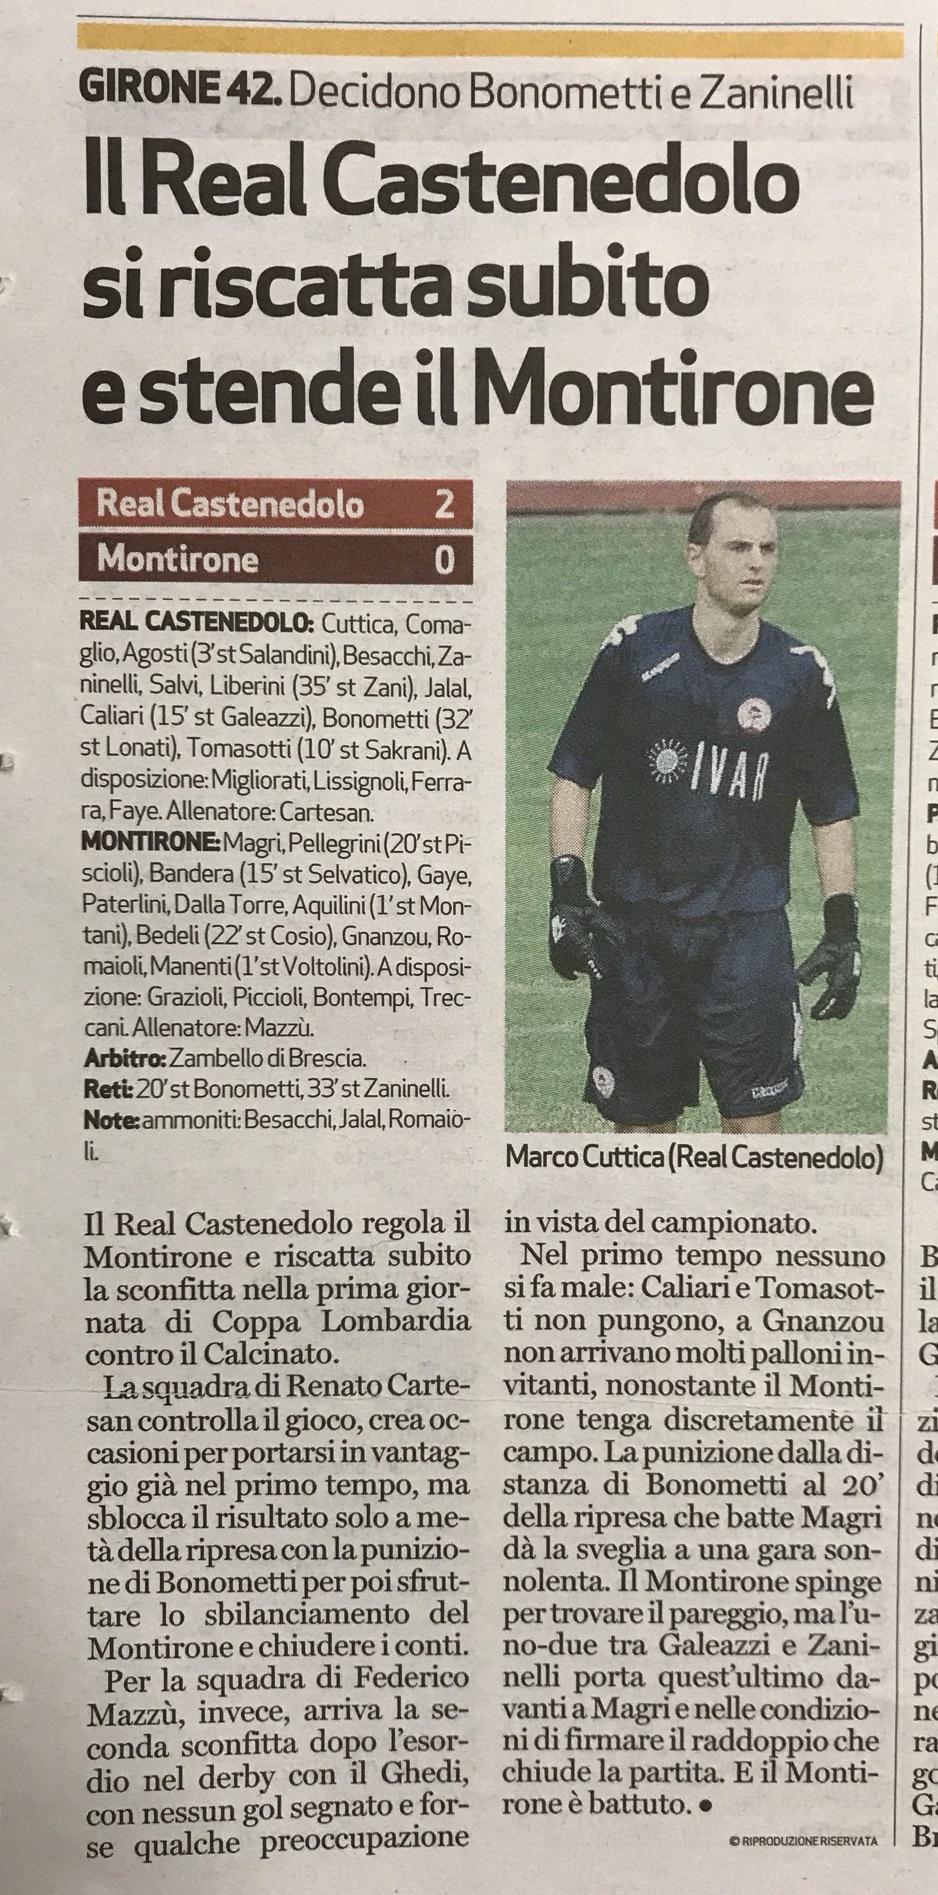 BresciaOggi 21 Settembre - Coppa Lombardia